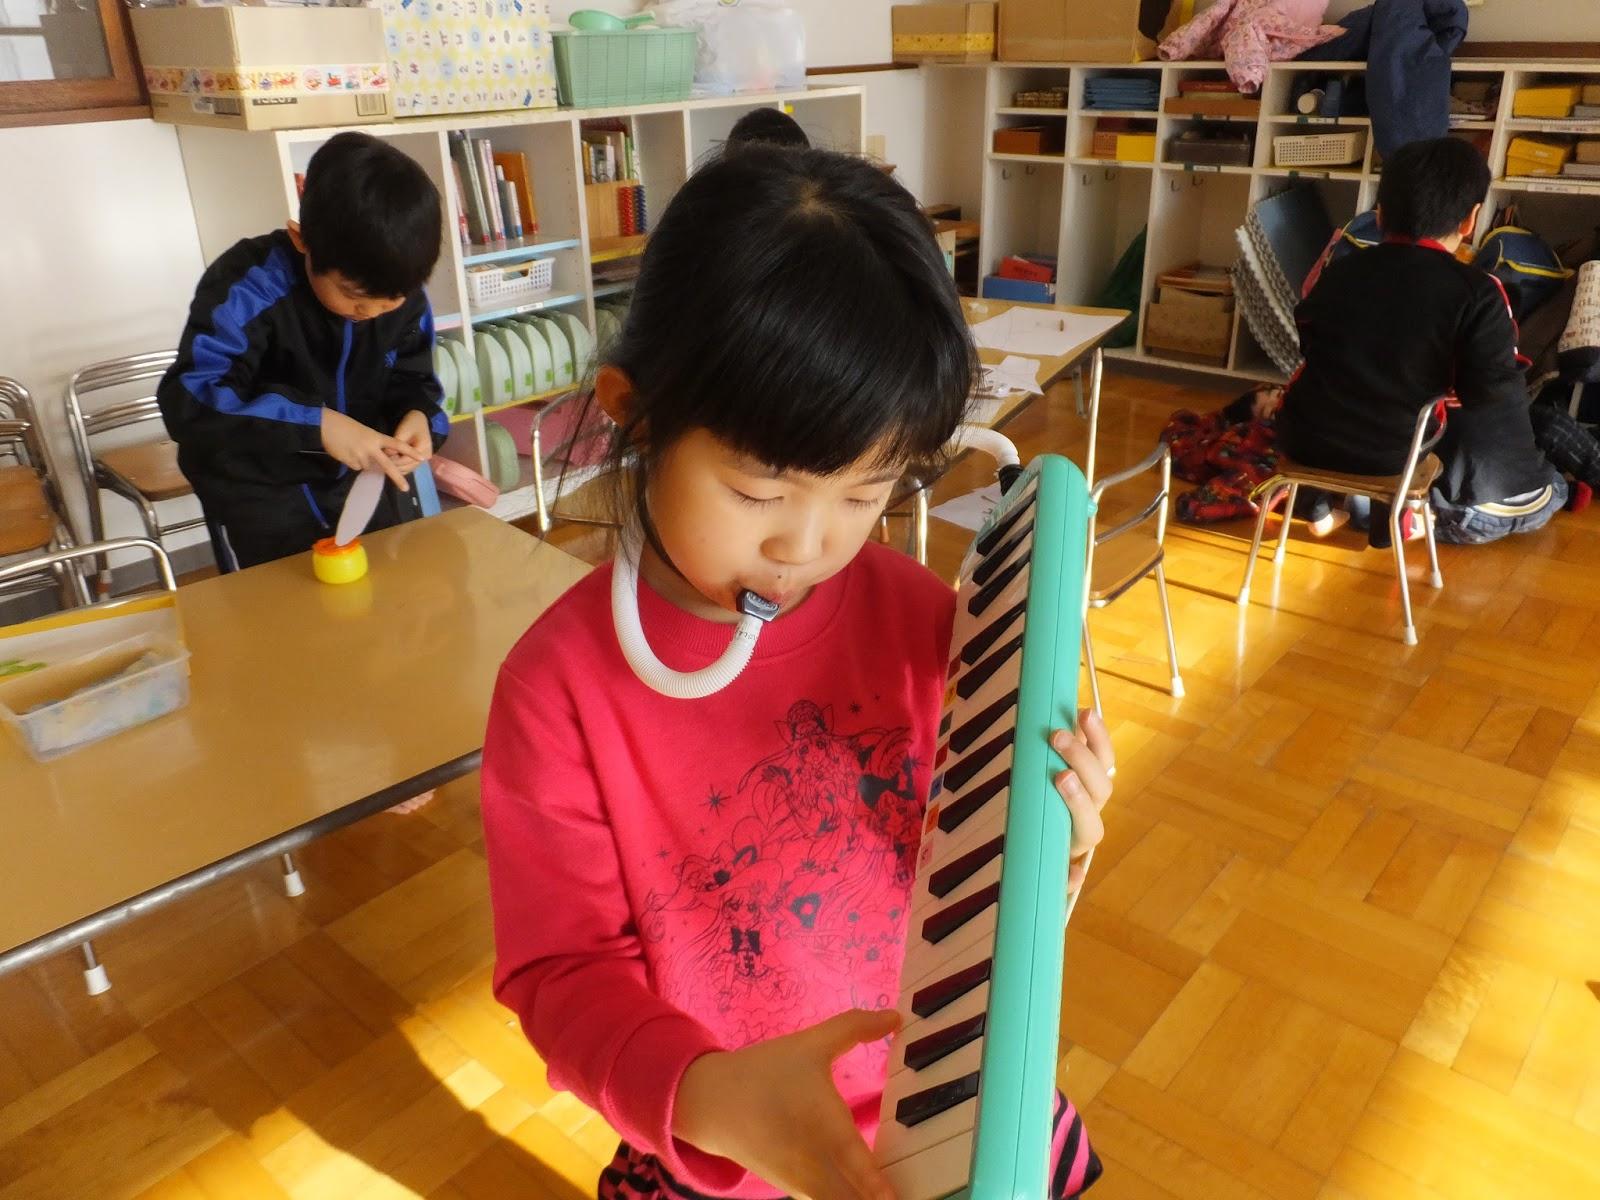 元野幌めぐみ幼稚園ブログ: 英語で遊ぼう!